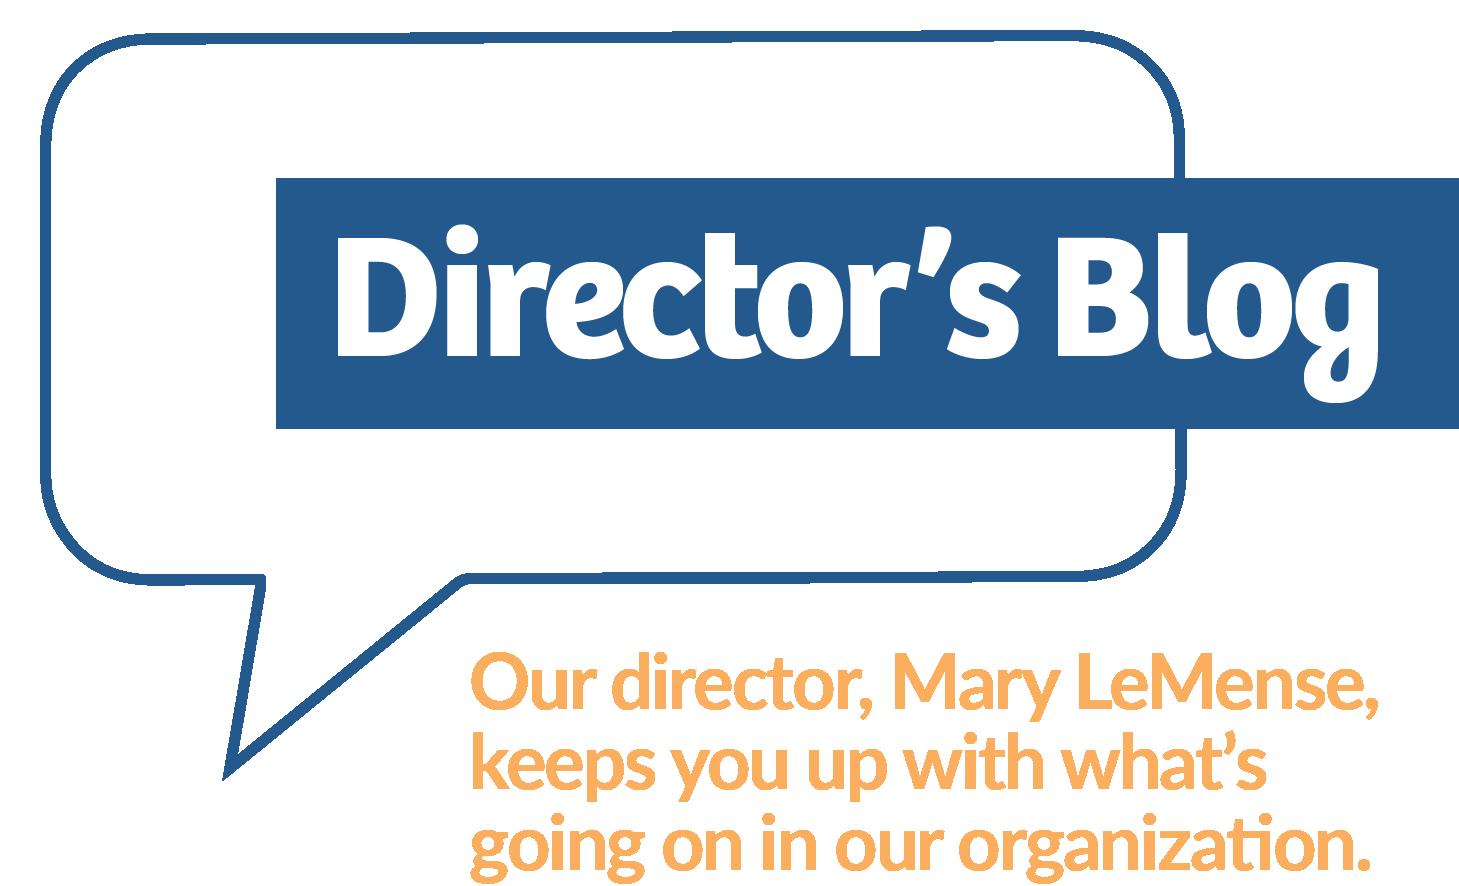 DirectorsBlog-02-01.png